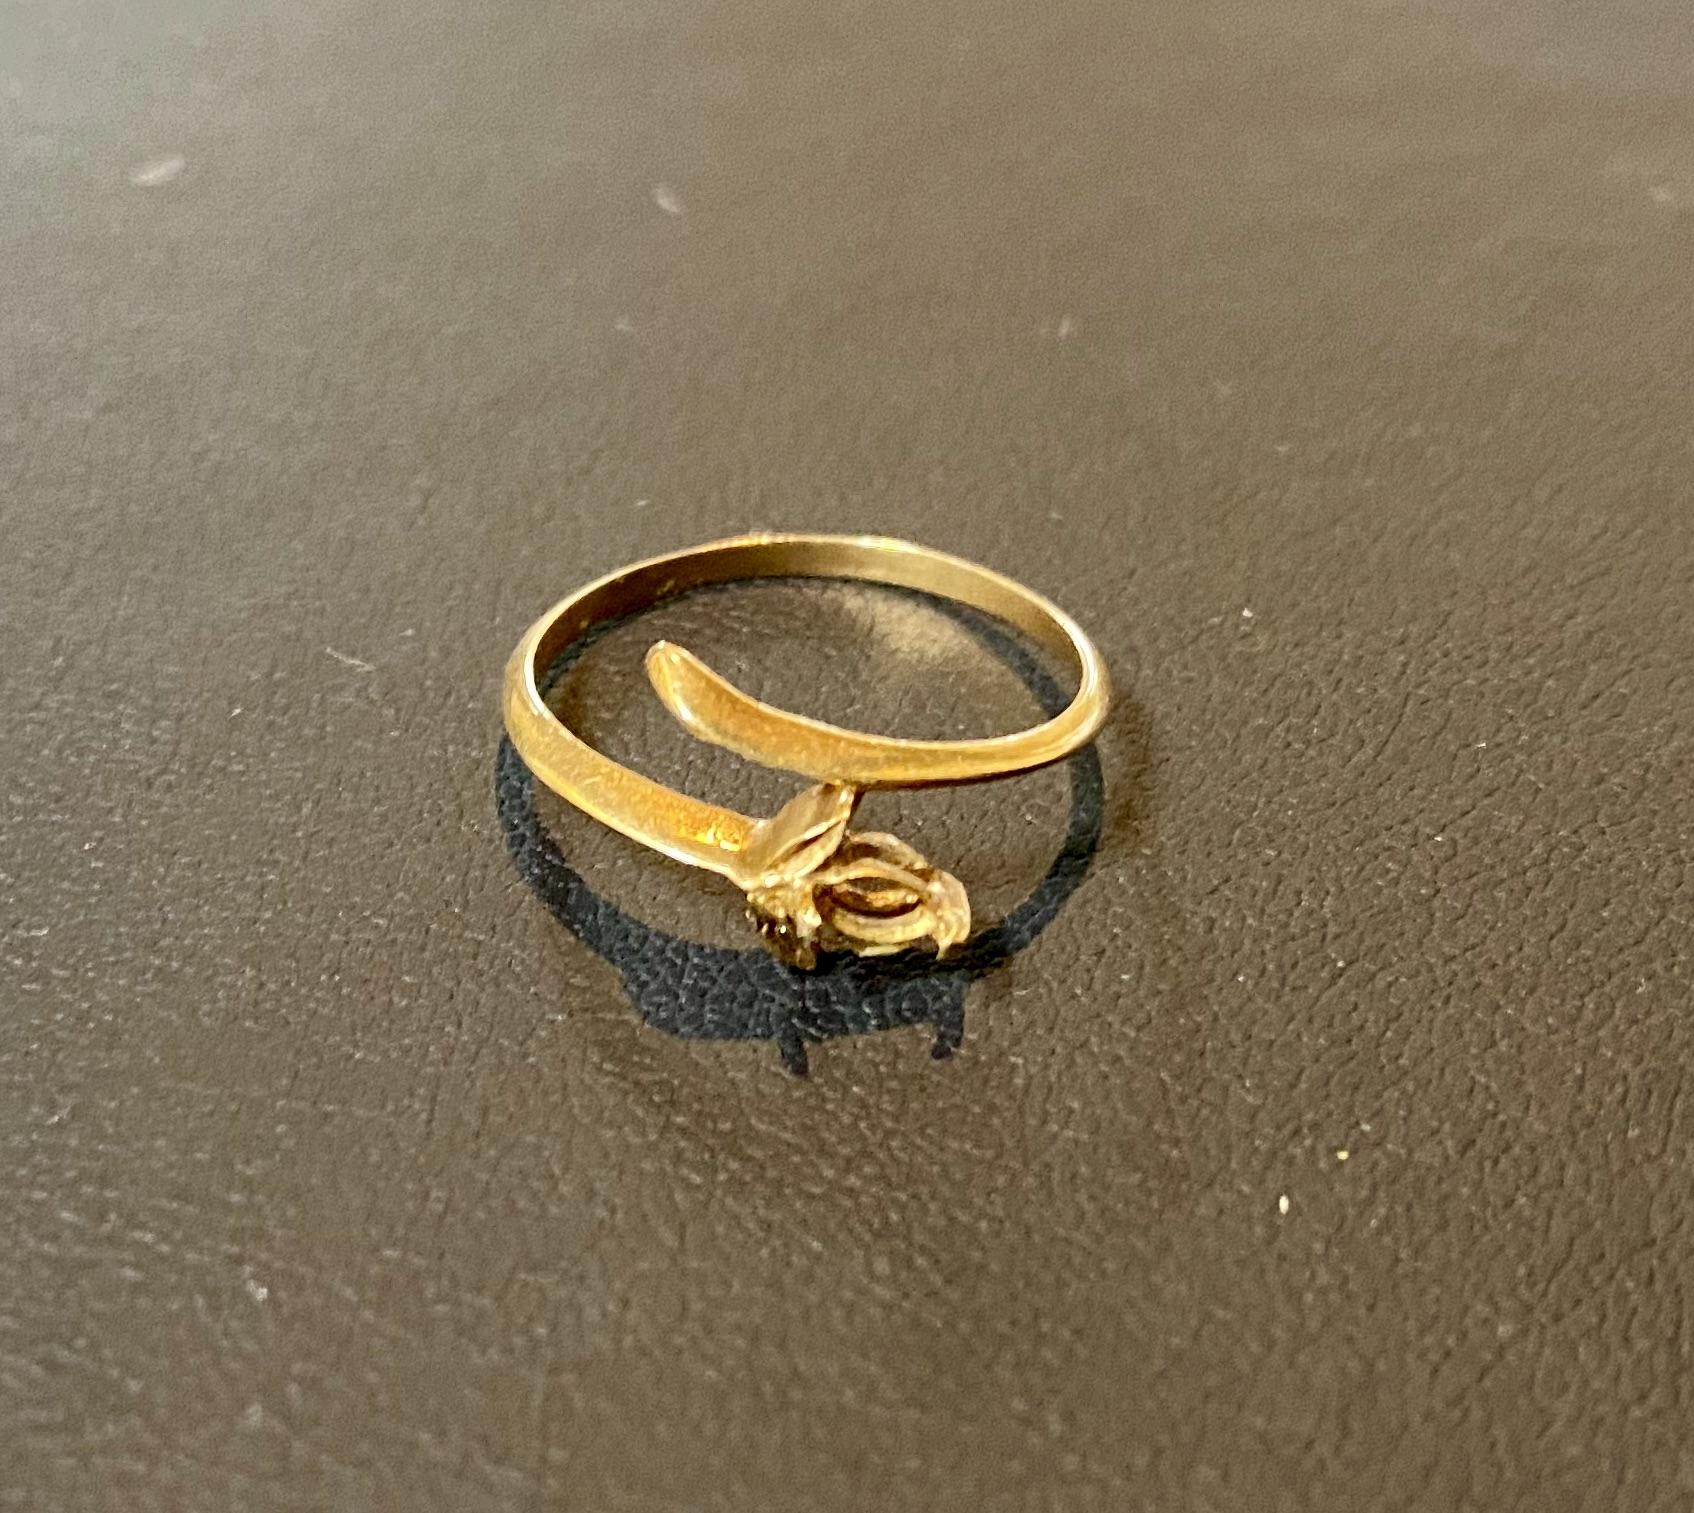 金(18K刻印,18金) 石の外れた指輪,リングをお買取!価格の相場は?